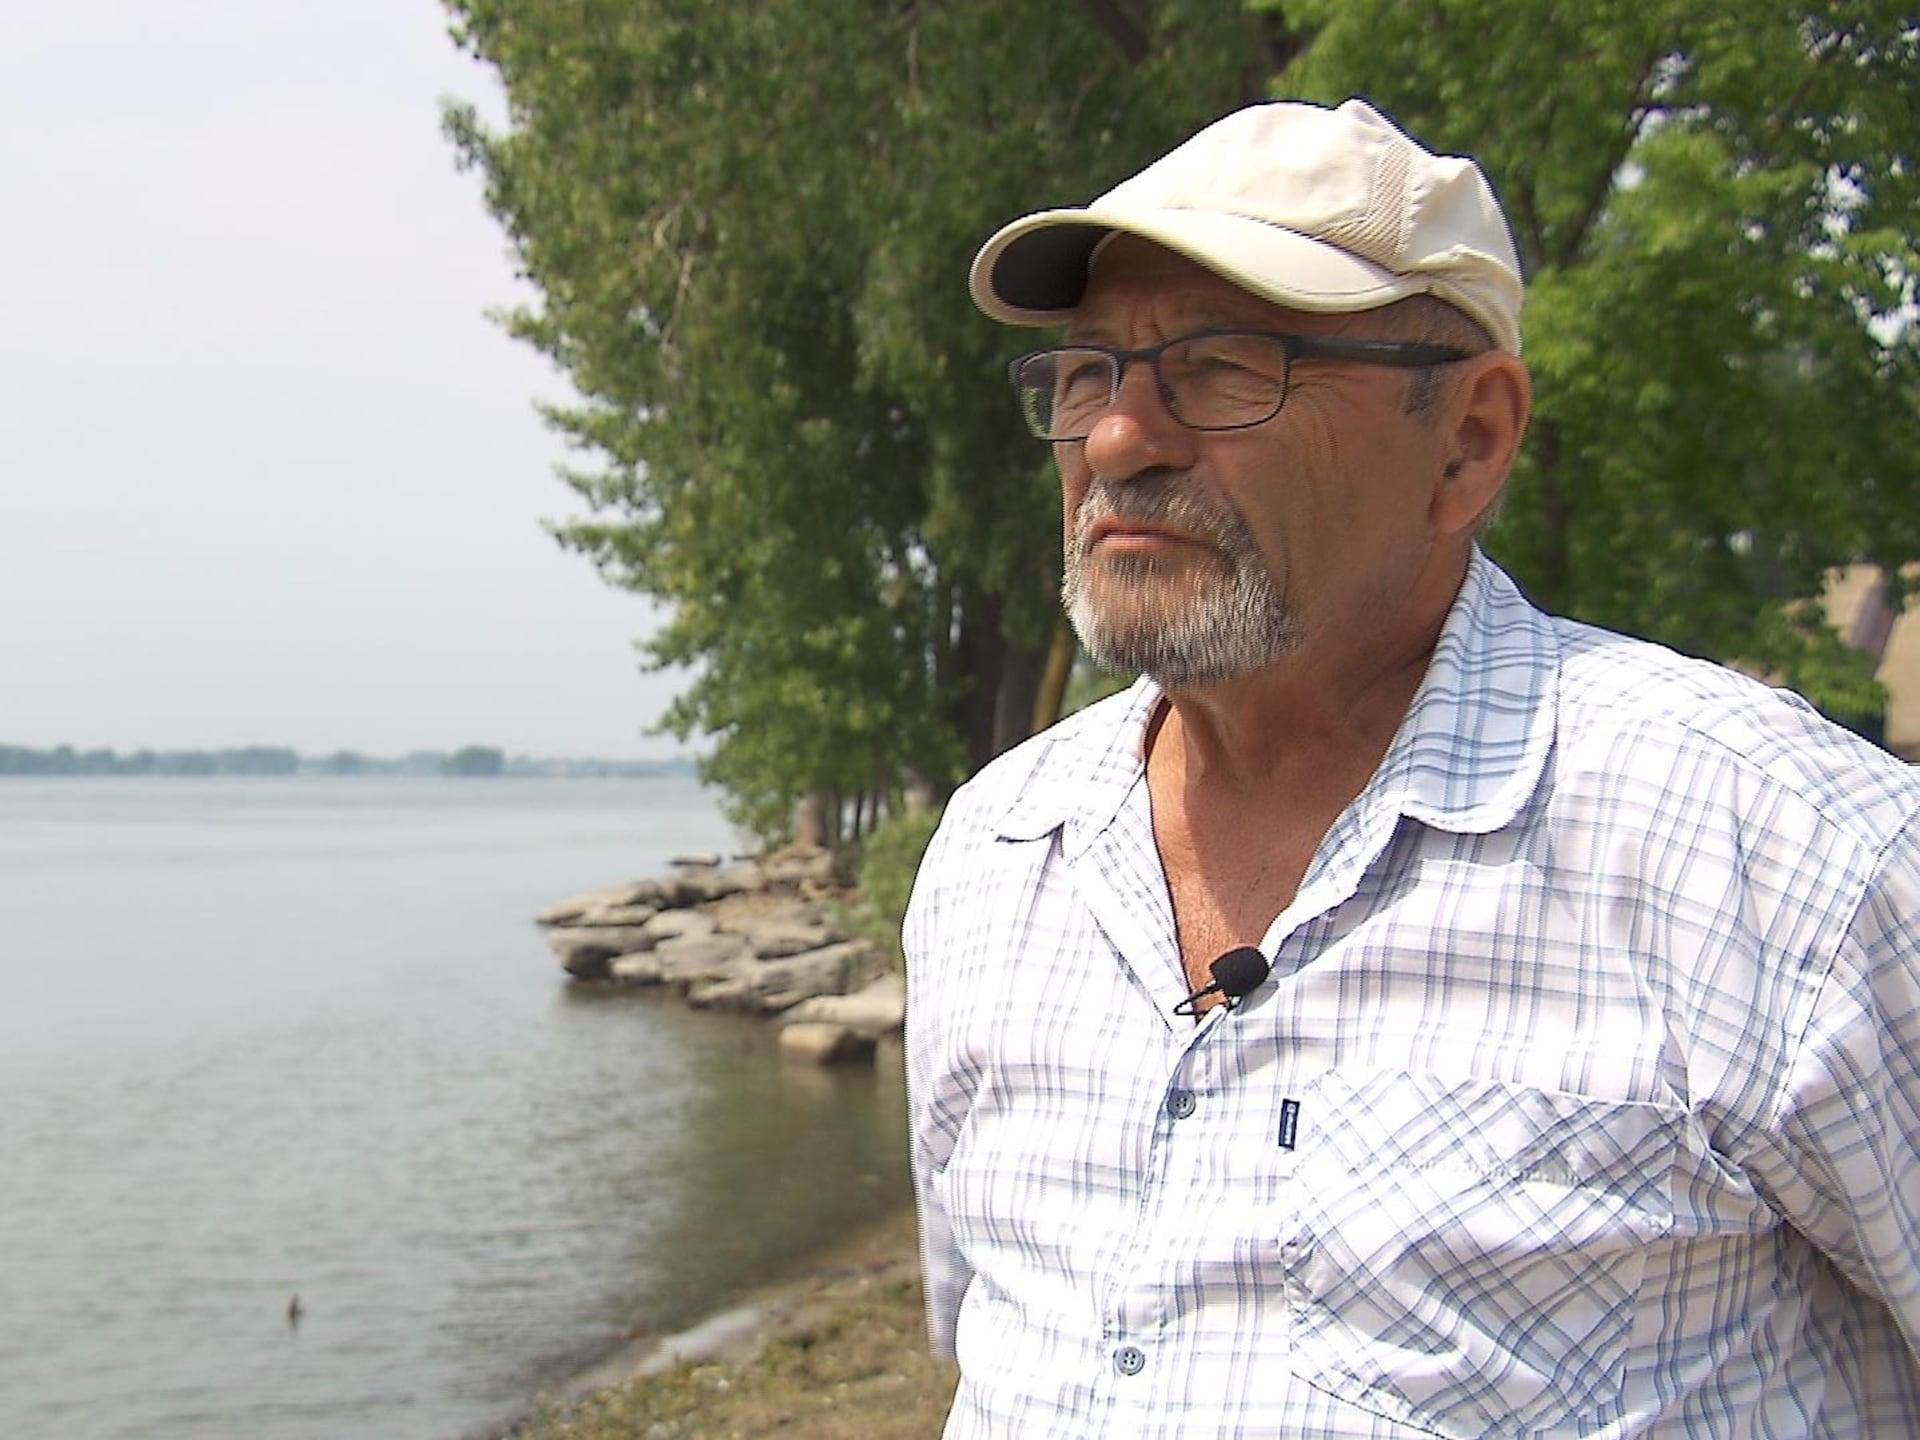 Jacques Durocher se tient debout près de l'eau.